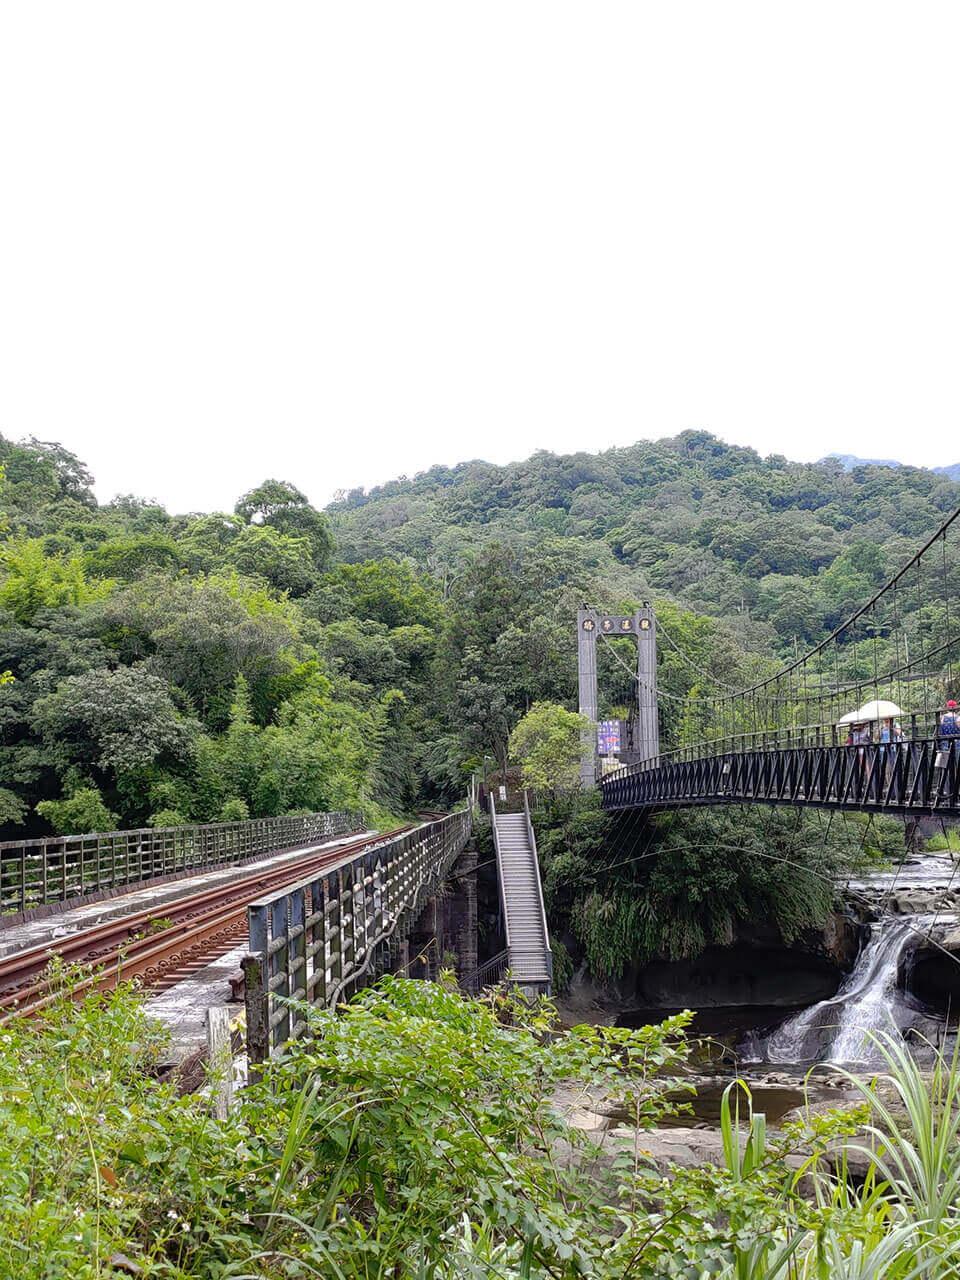 平溪一日遊:觀瀑吊橋